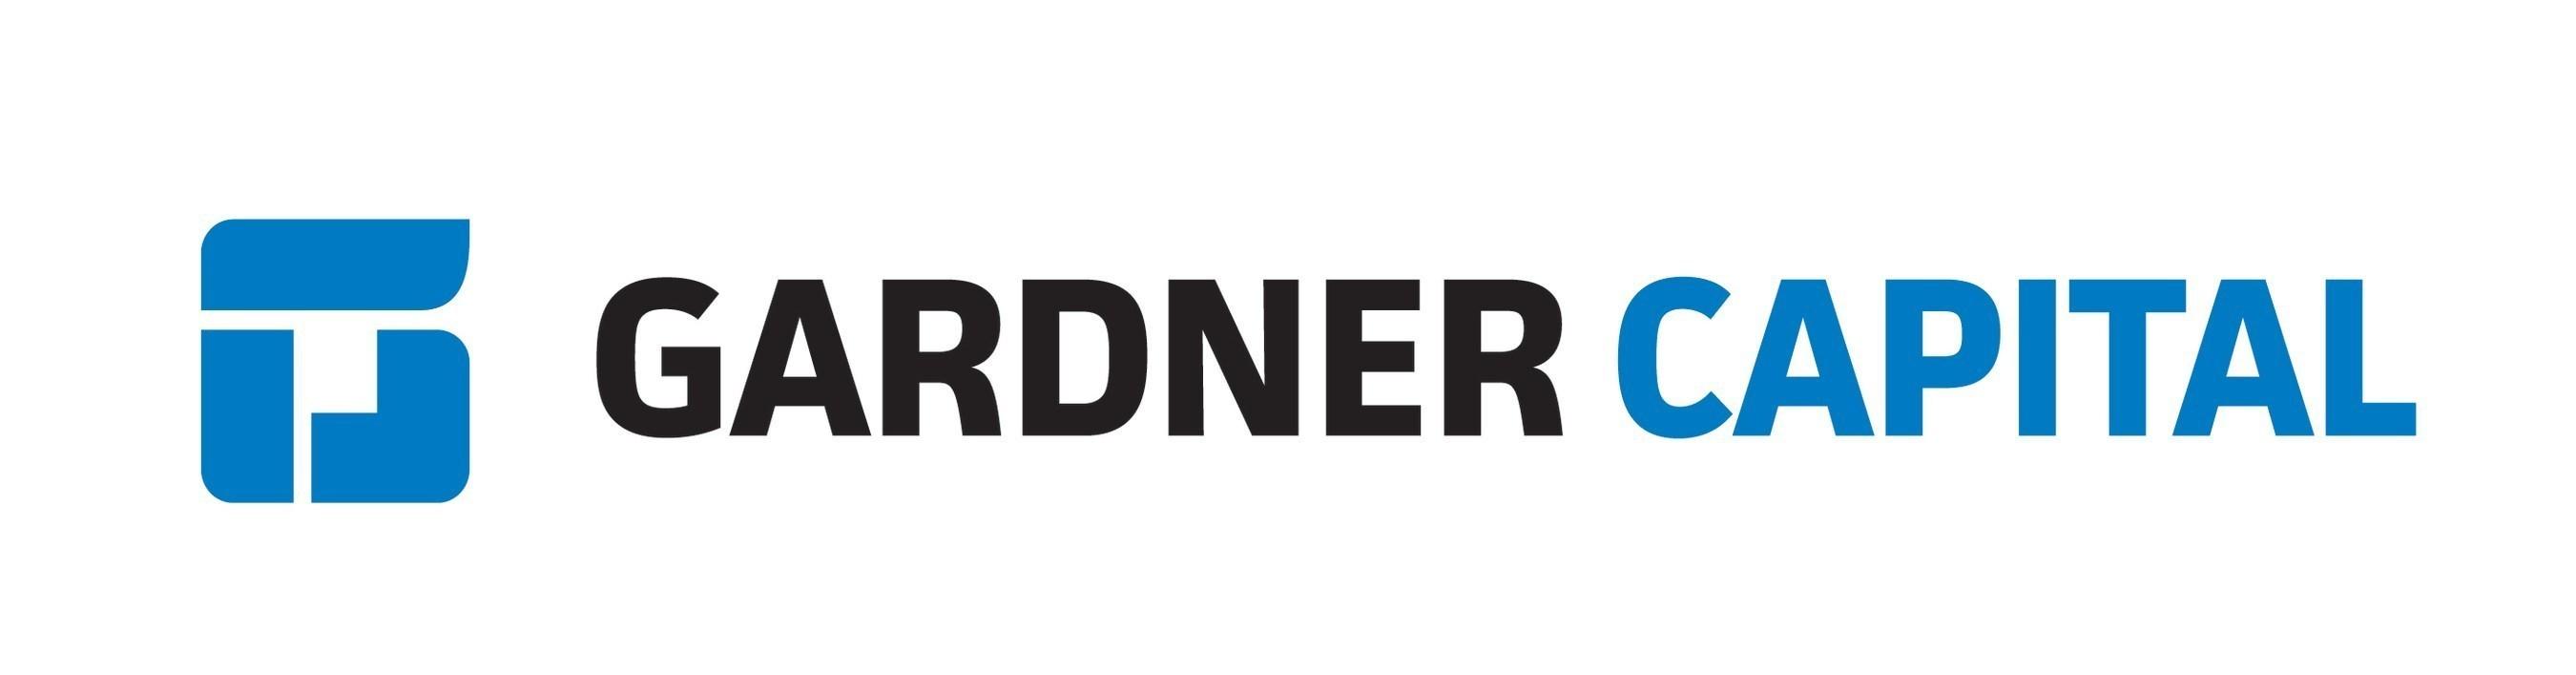 Gardner Capital Development To Develop The Village Of West